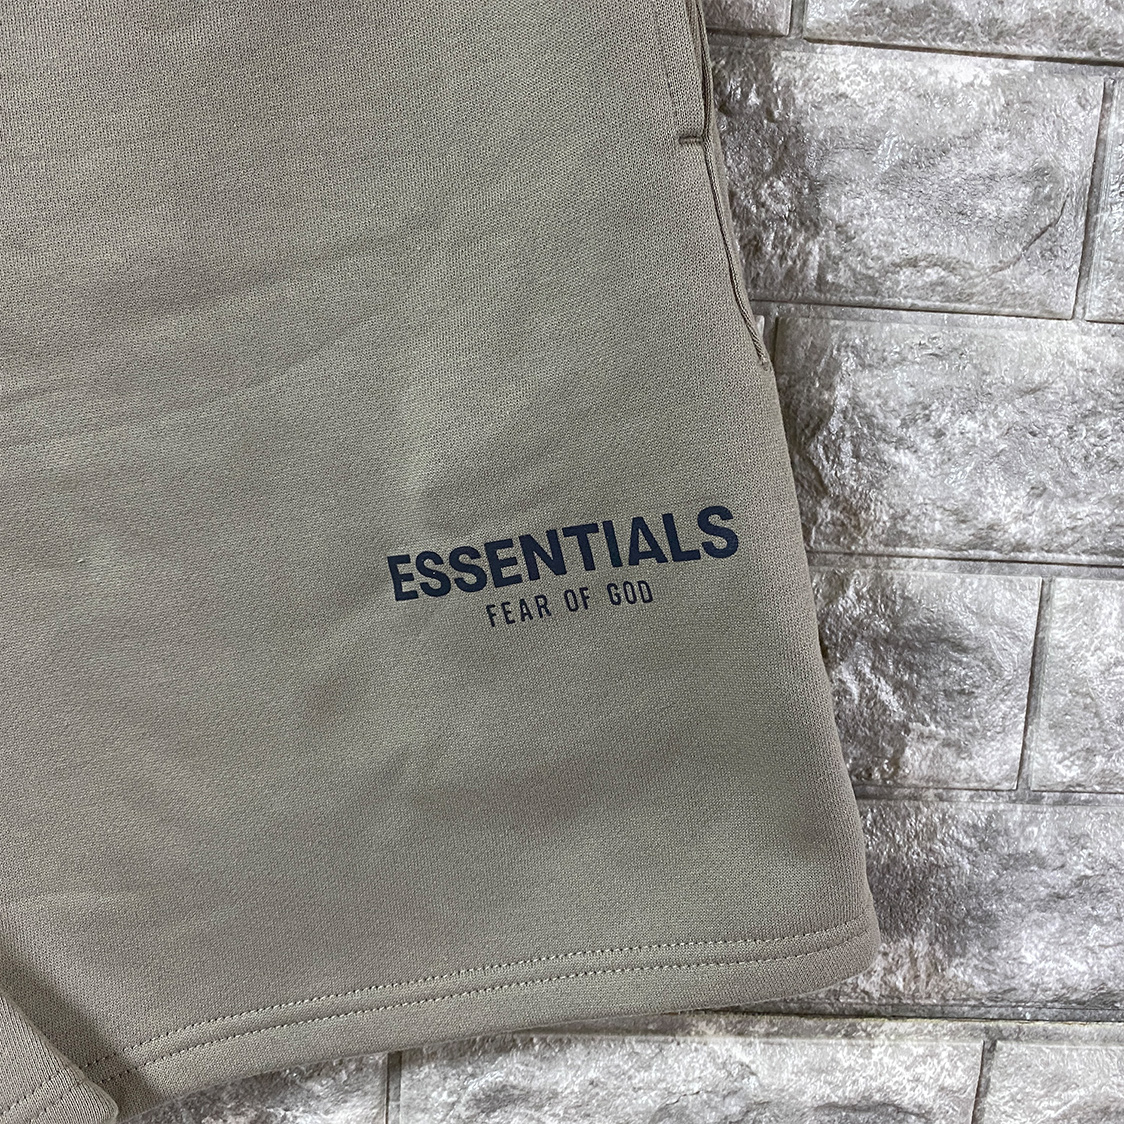 2021新作 新品 Fear Of God Essentials フェアオブゴッド エッセンシャルズ【Mサイズ】 ロゴ スウェット ショーツ ハーフパンツ オリーブ FOG